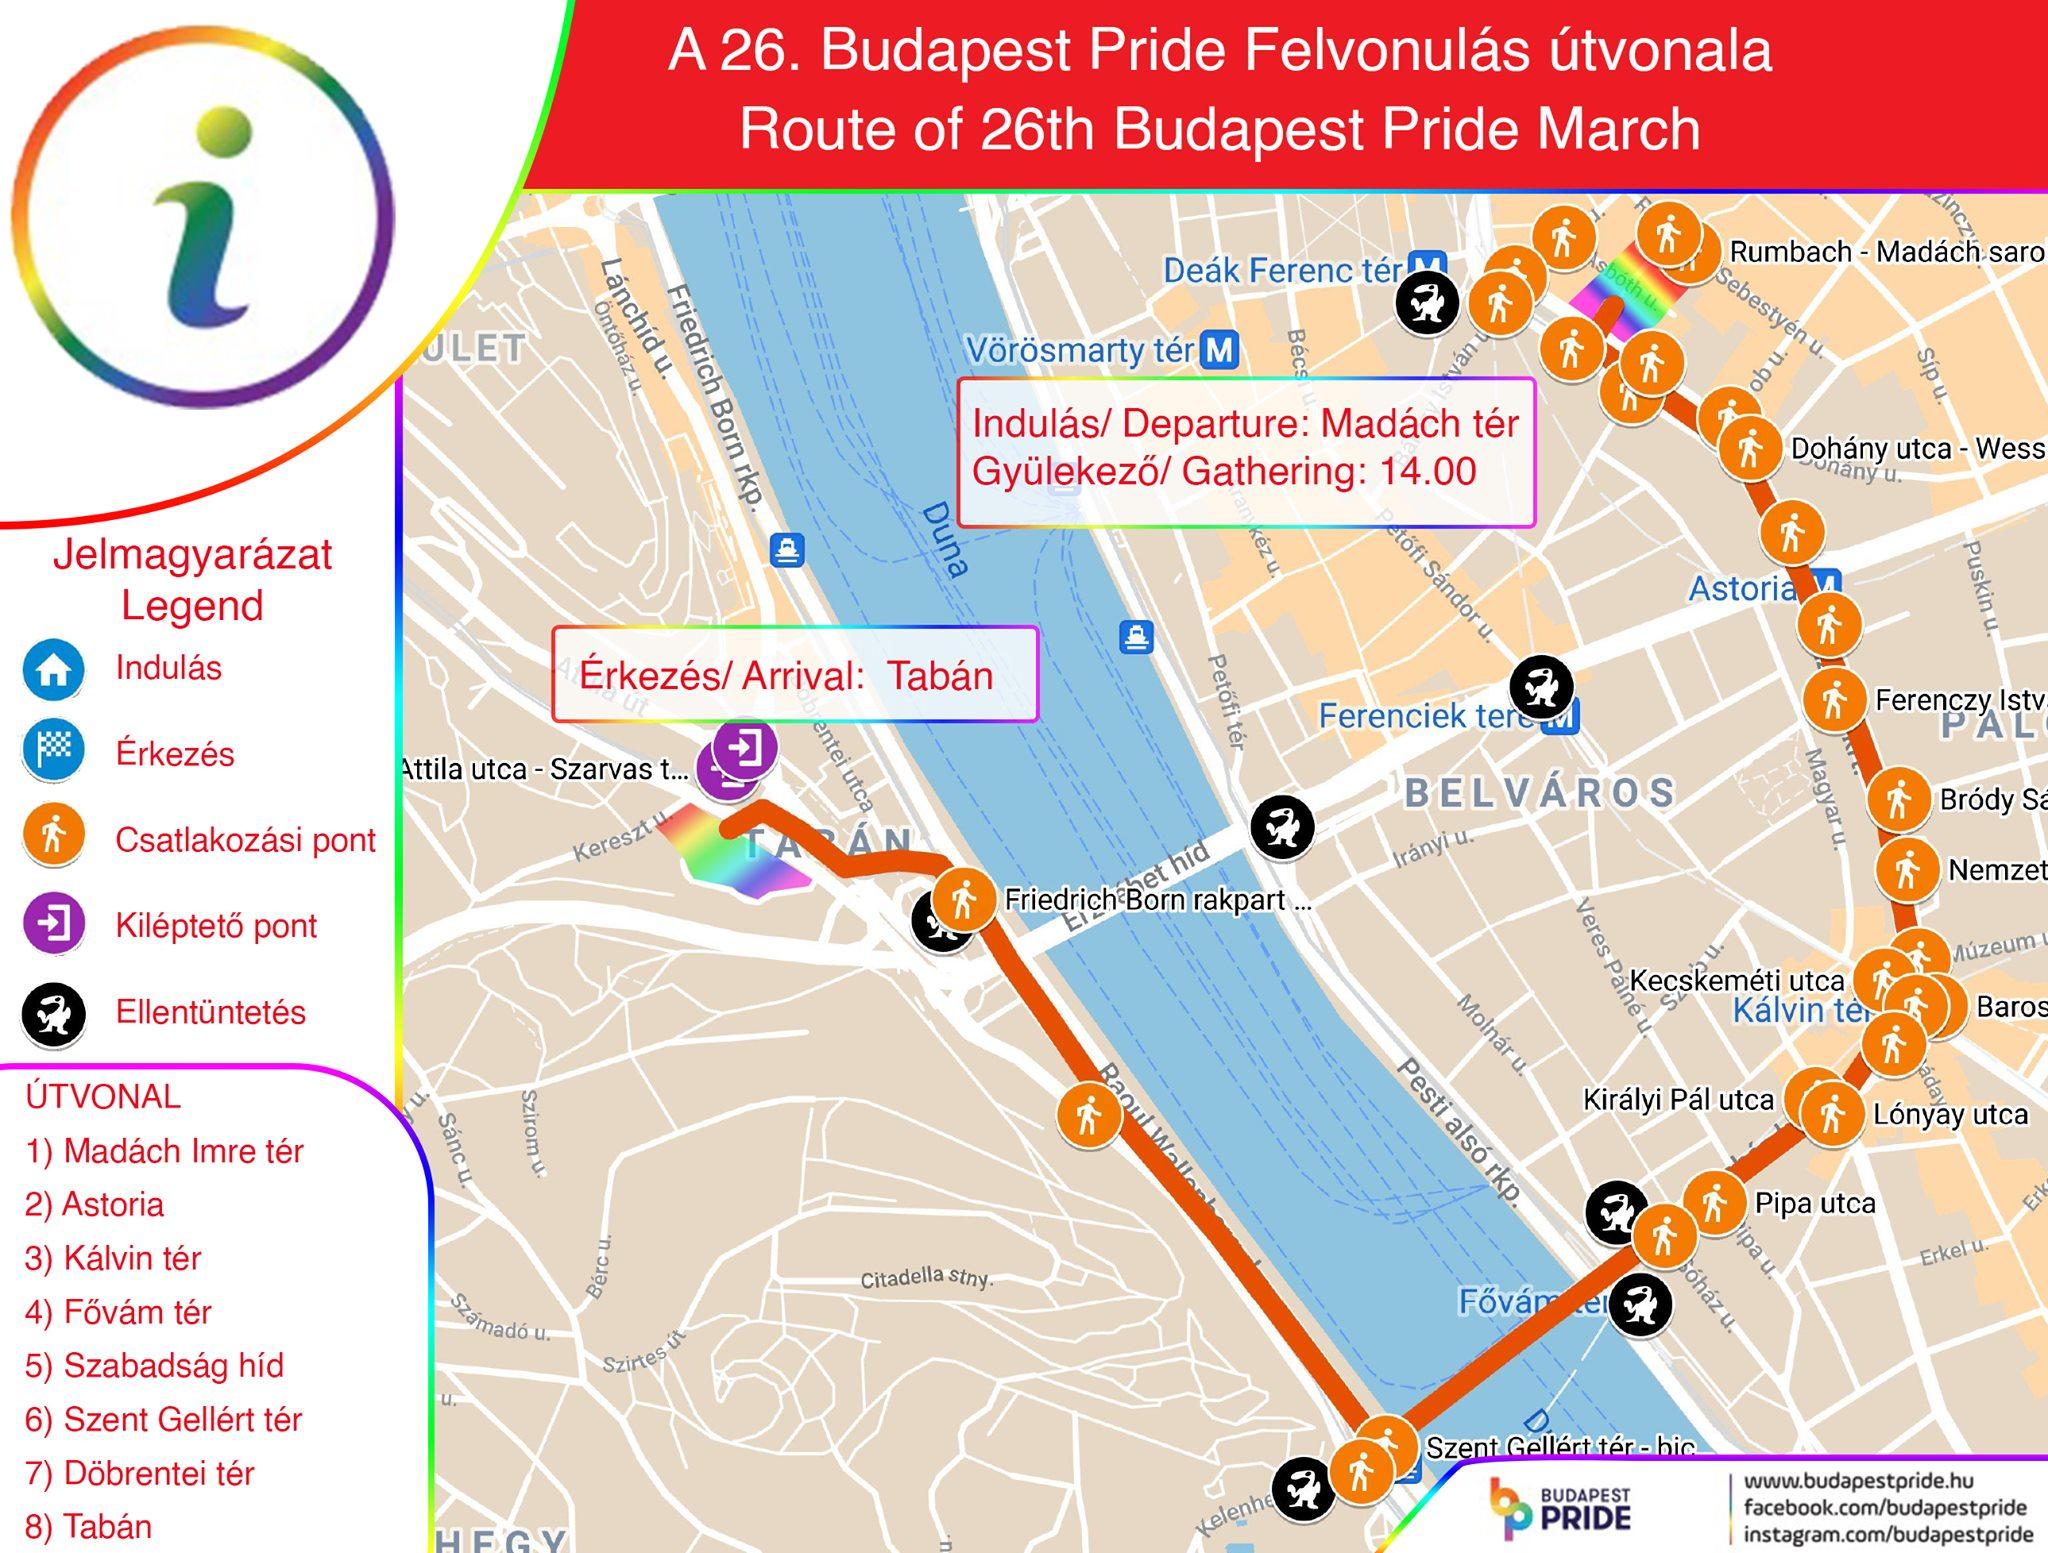 Közszolgálat: minden, amit a Pride útvonaláról és a forgalomkorlátozásokról tudni kell